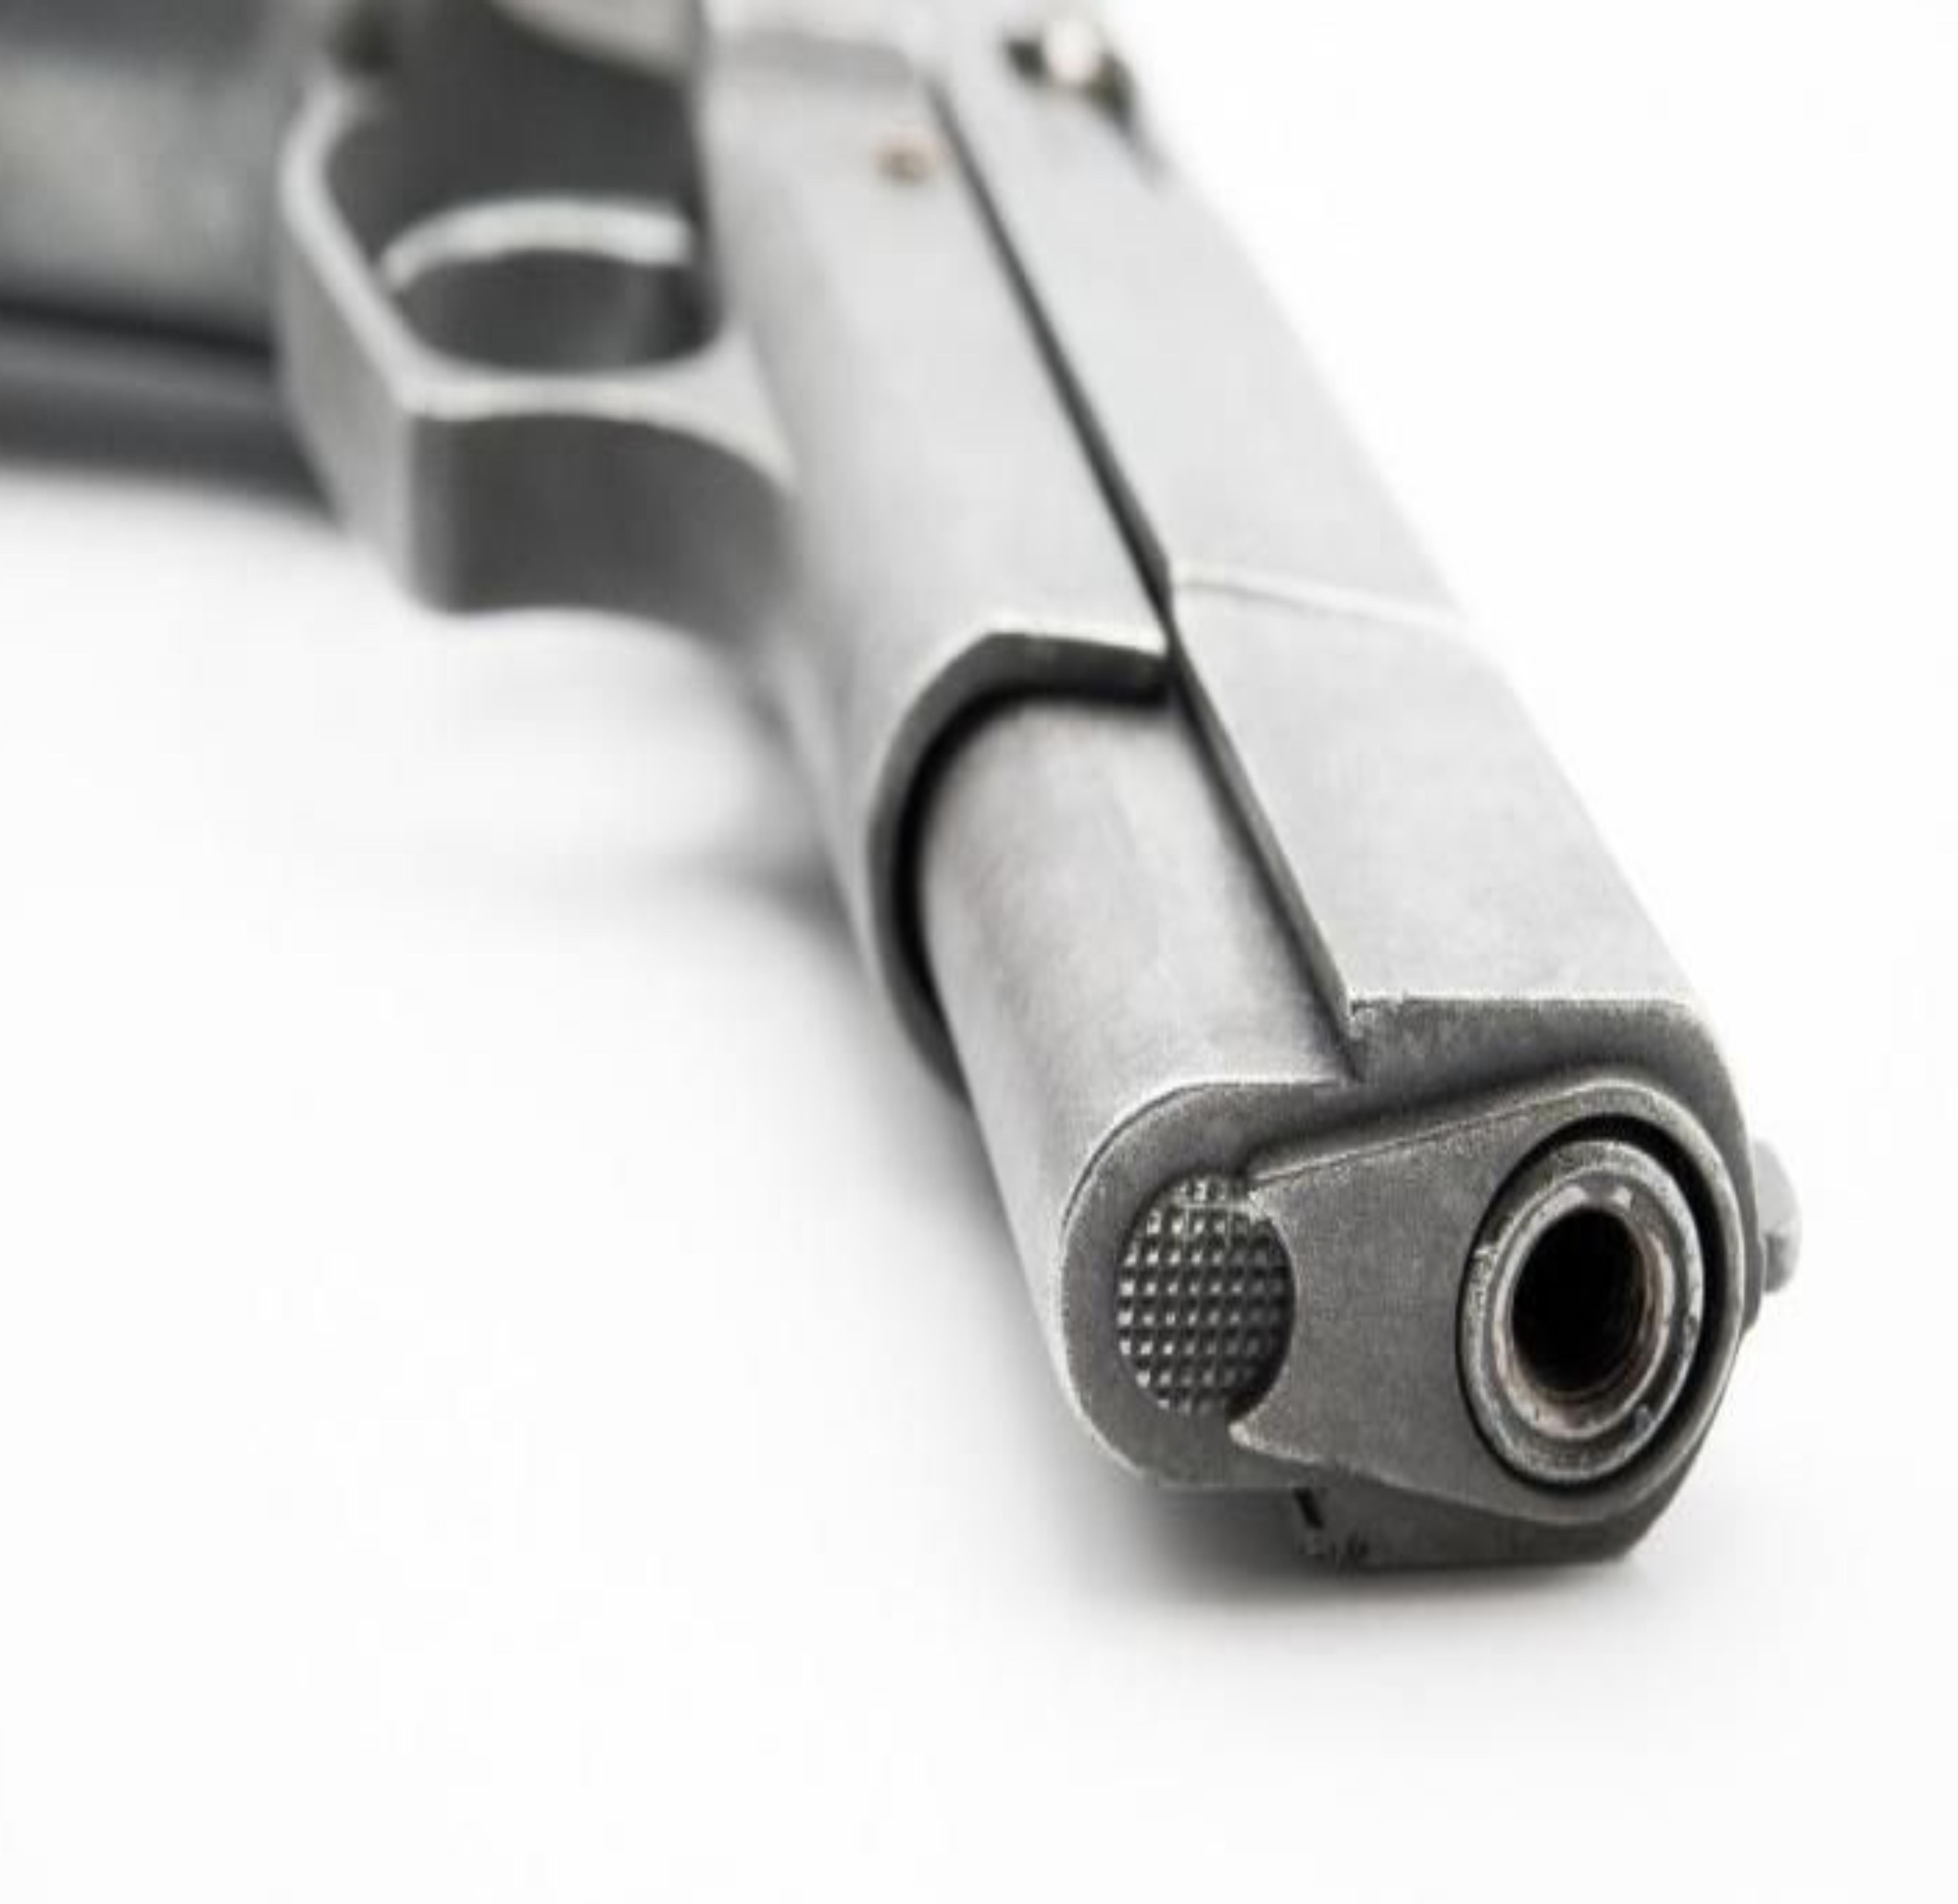 मेरठ: प्रधान पद के उम्मीदवार को मारी गई गोली, हालत गंभीर